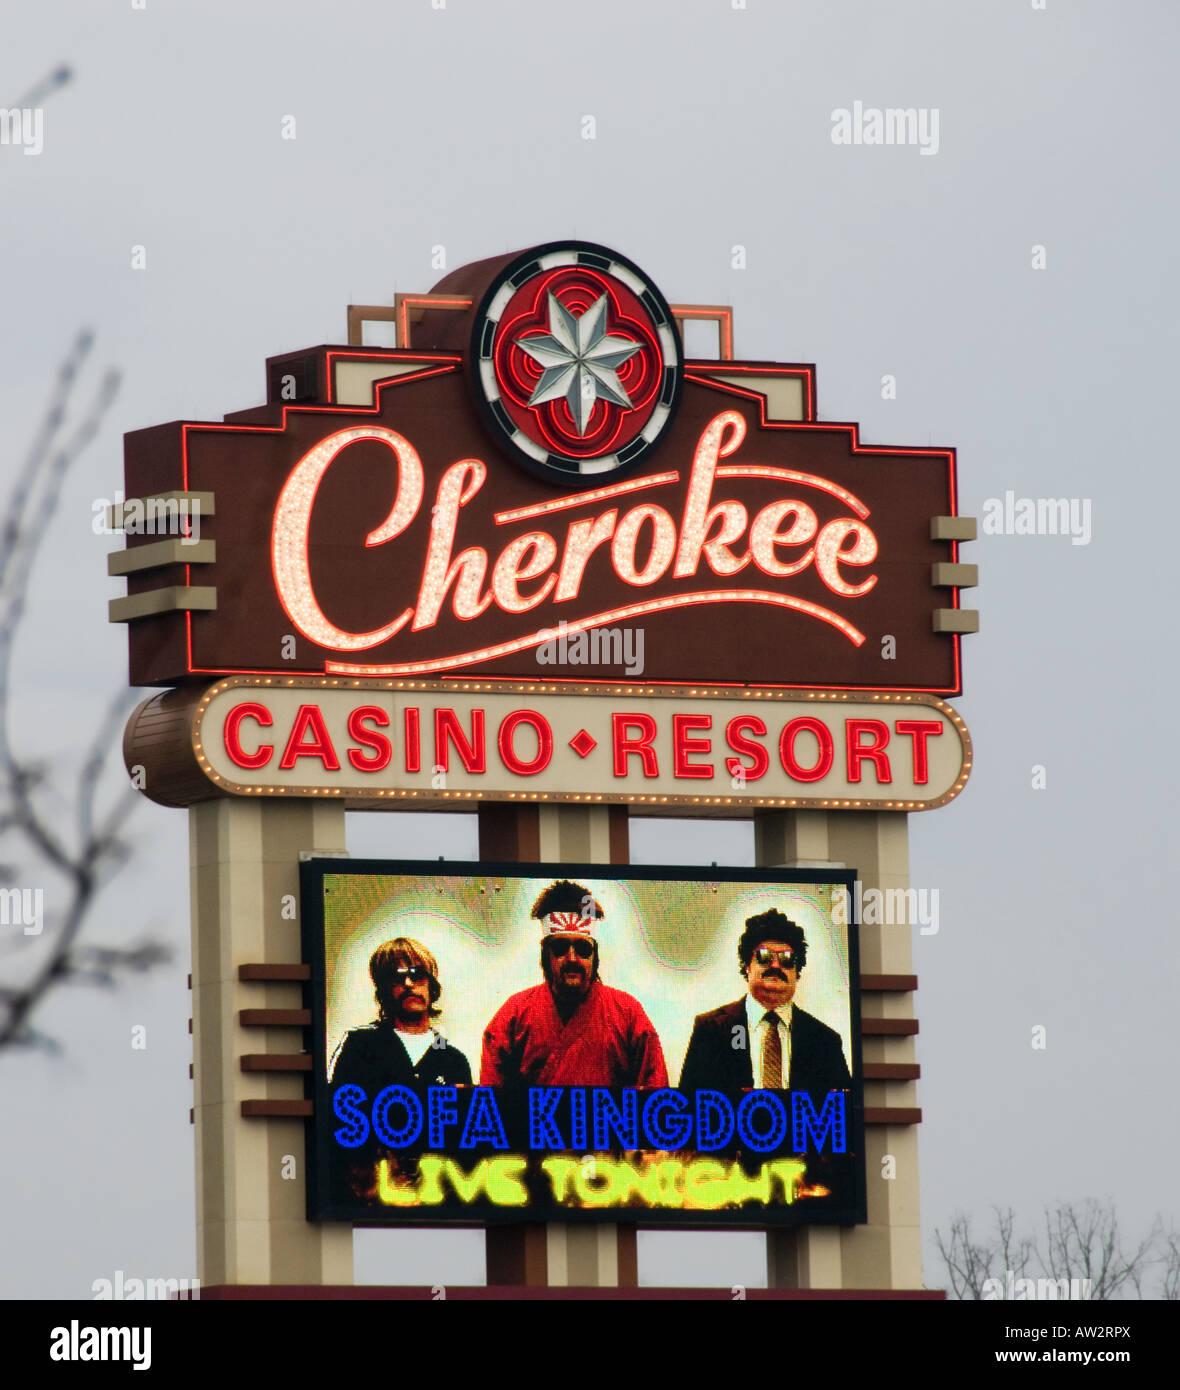 Cherokee Casino Resort sign. - Stock Image